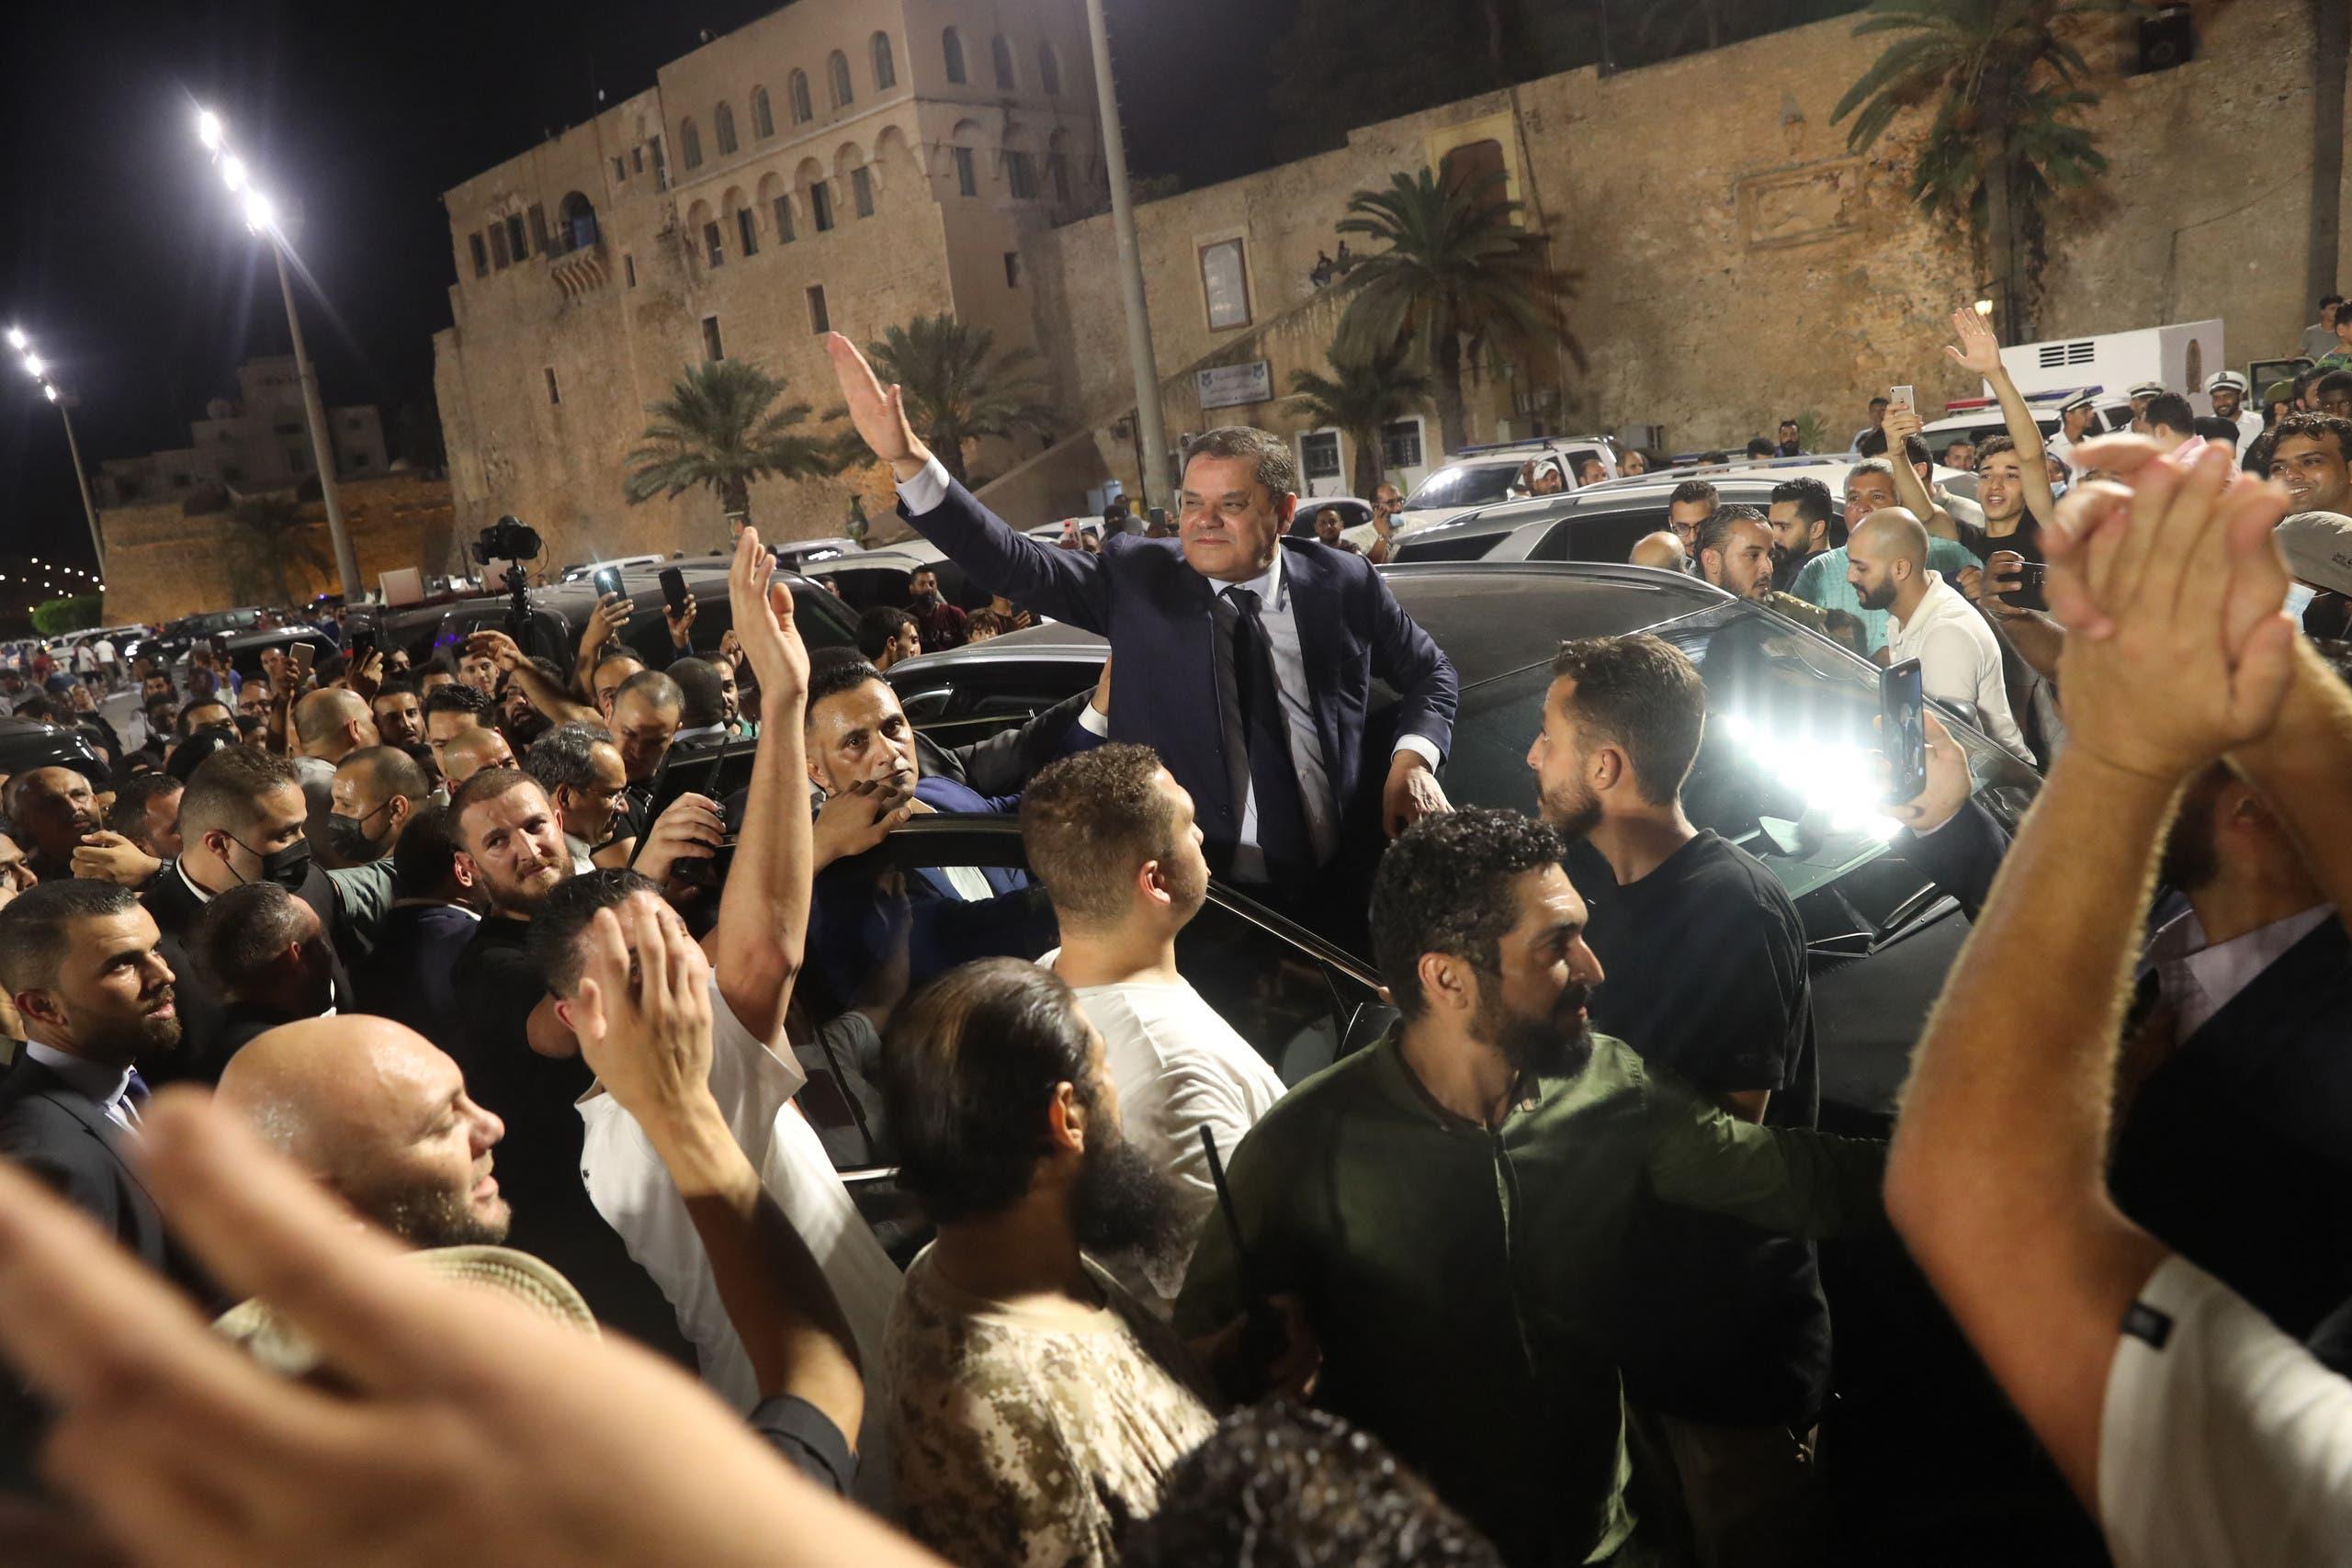 عبد الحميد الدبيبة بين المتظاهرين الذين تداعوا أمس الثلاثاء لمساندته بعد قرار سحب الثقة من حكومته (أرشيفية- فرانس برس)